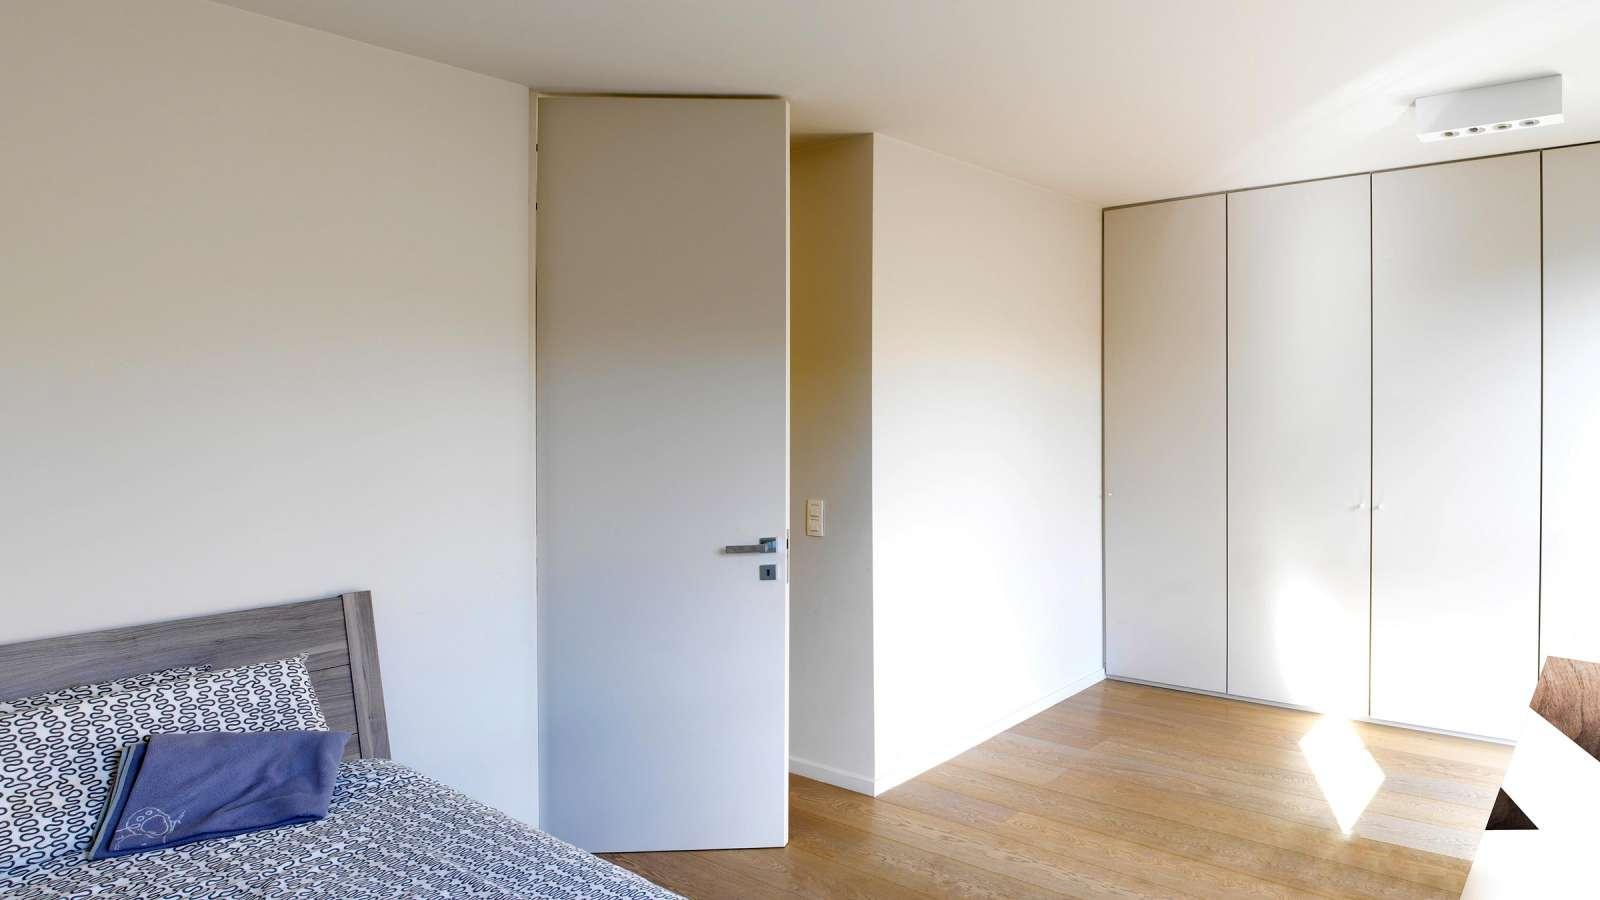 nordex-deuren-slide-1-2400